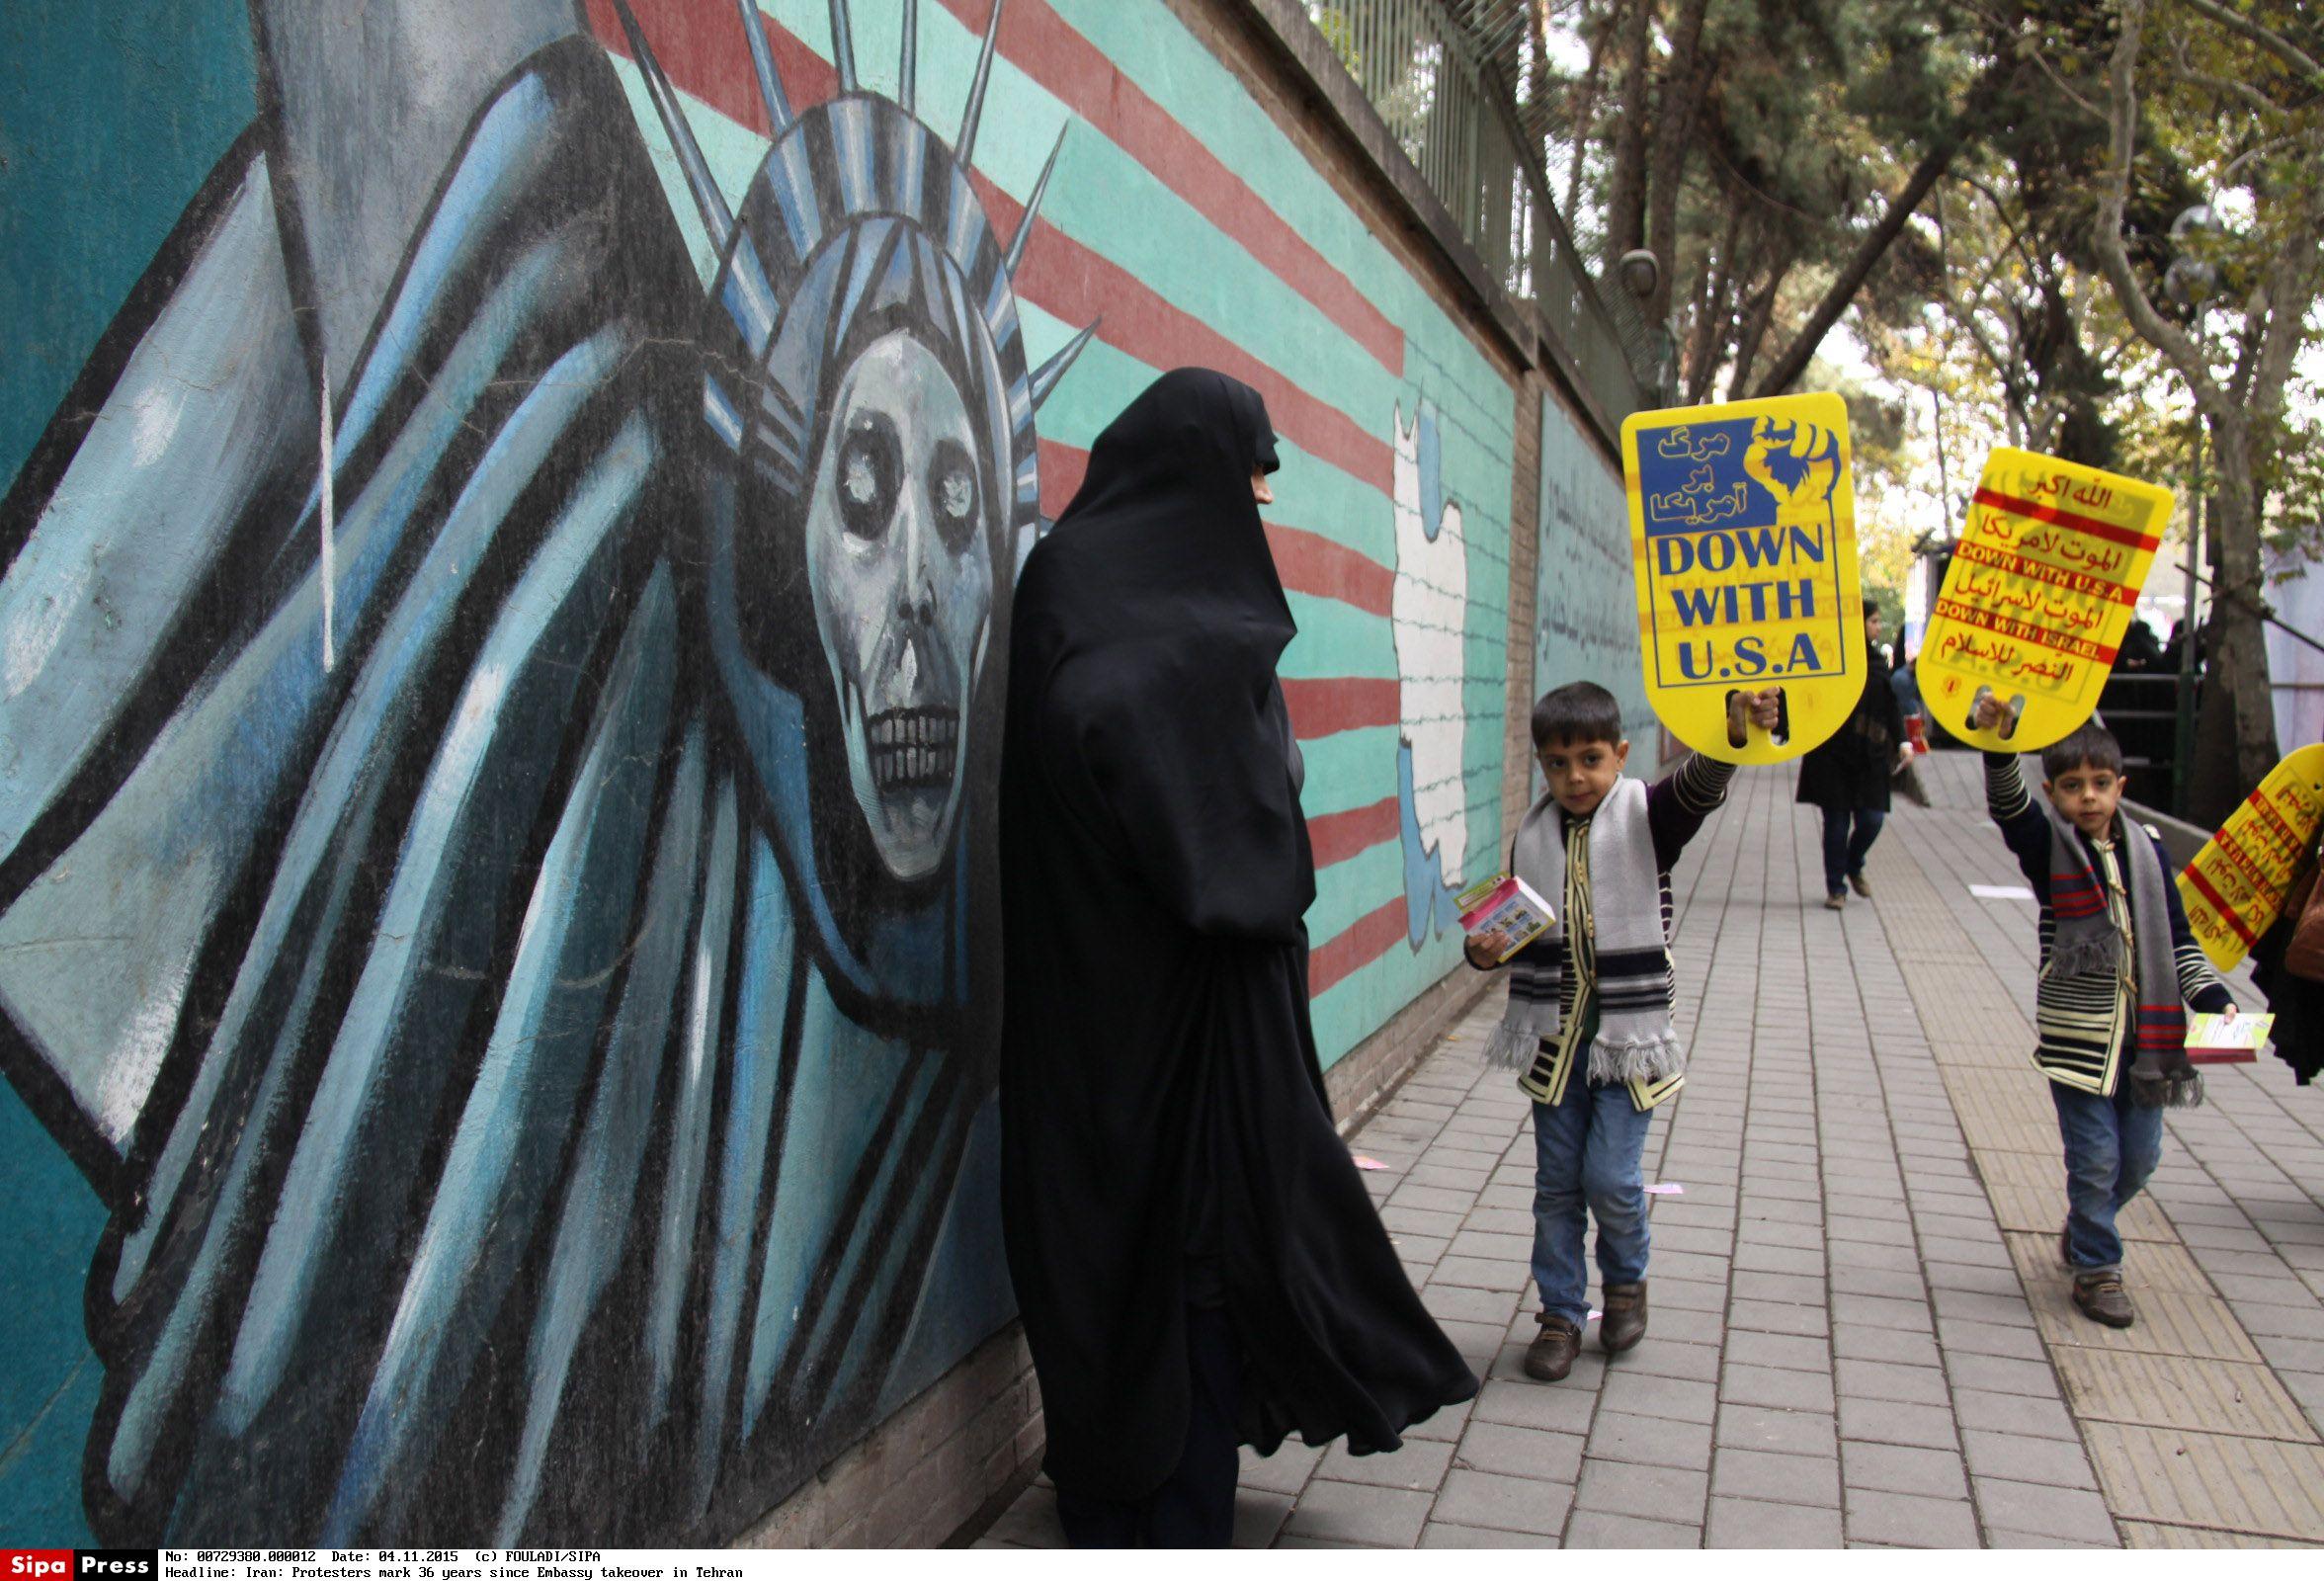 2015年11月4日,伊朗人手持旗帜在美国驻伊朗大使馆旧址外集会,抗议全球自大狂。(新华社/西霸)